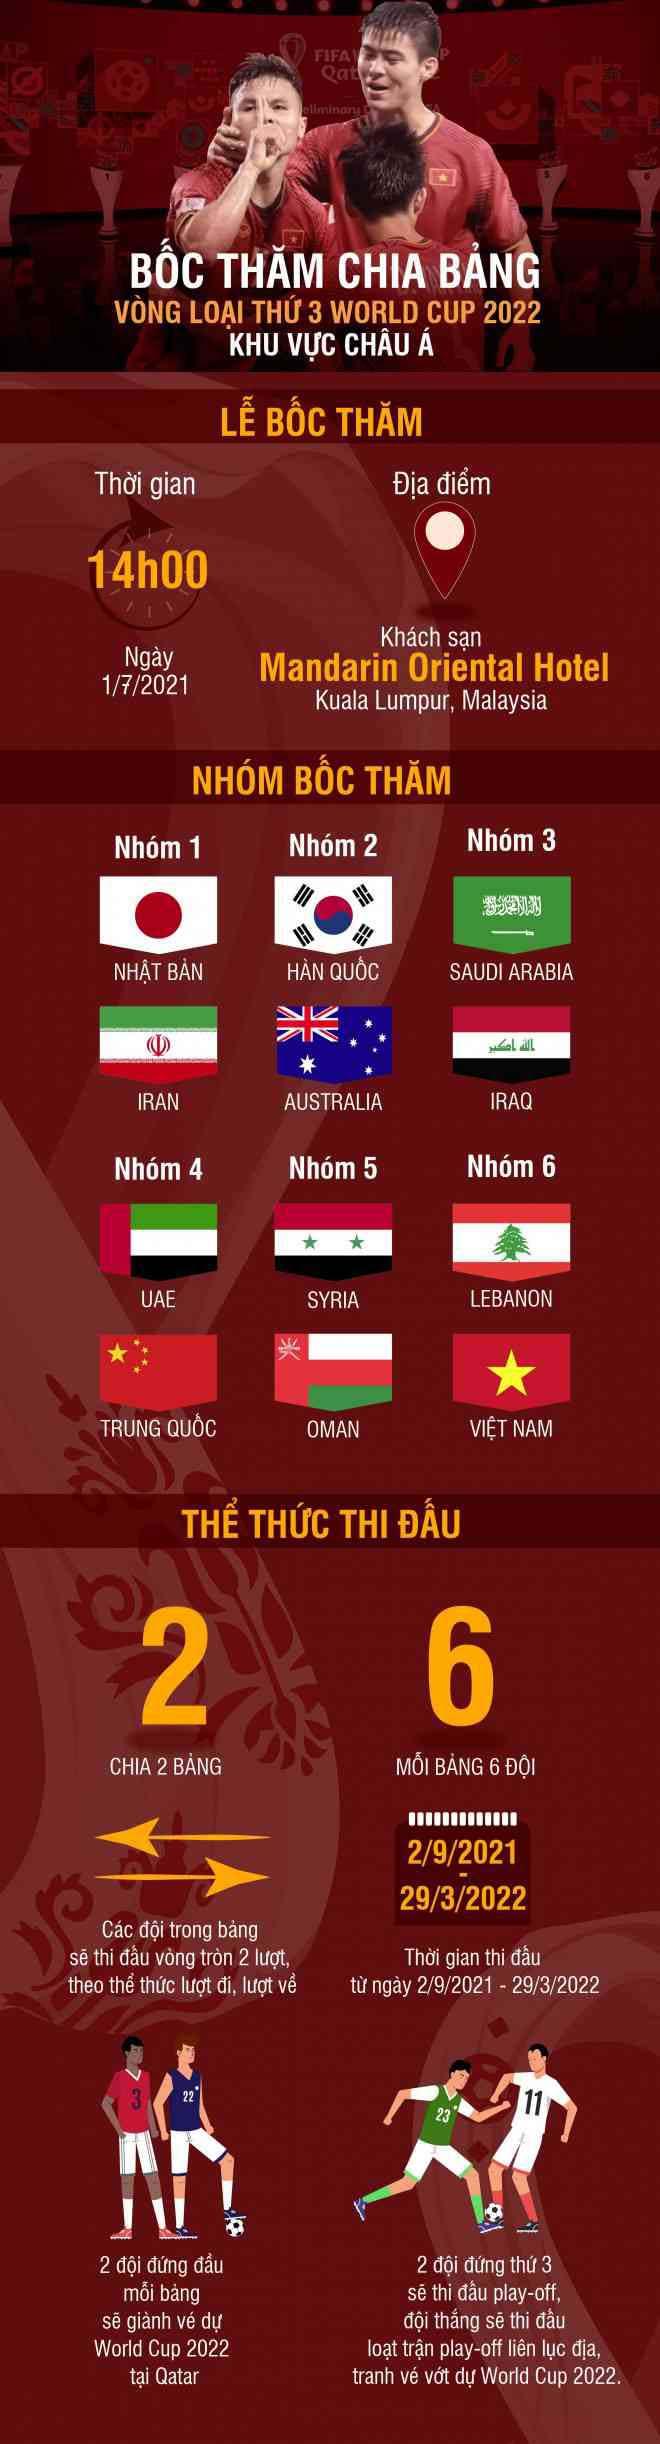 Trực tiếp bốc thăm vòng loại thứ 3 World Cup 2022: ĐT Việt Nam bảng B, đấu Trung Quốc - 3